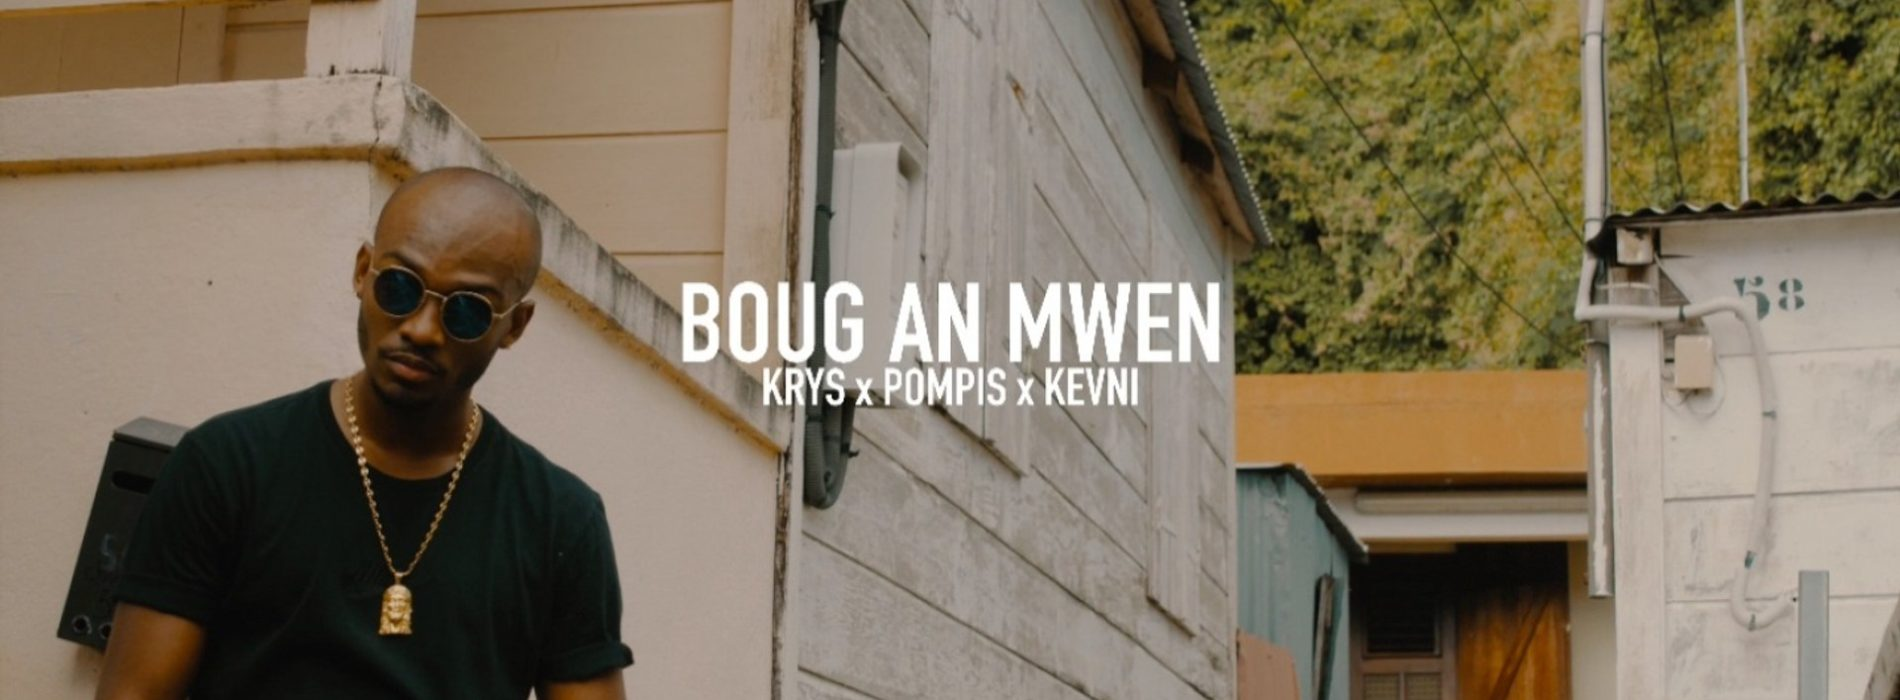 KRYS Ft. POMPIS & KEVNI – Boug an mwen – Mai 2019